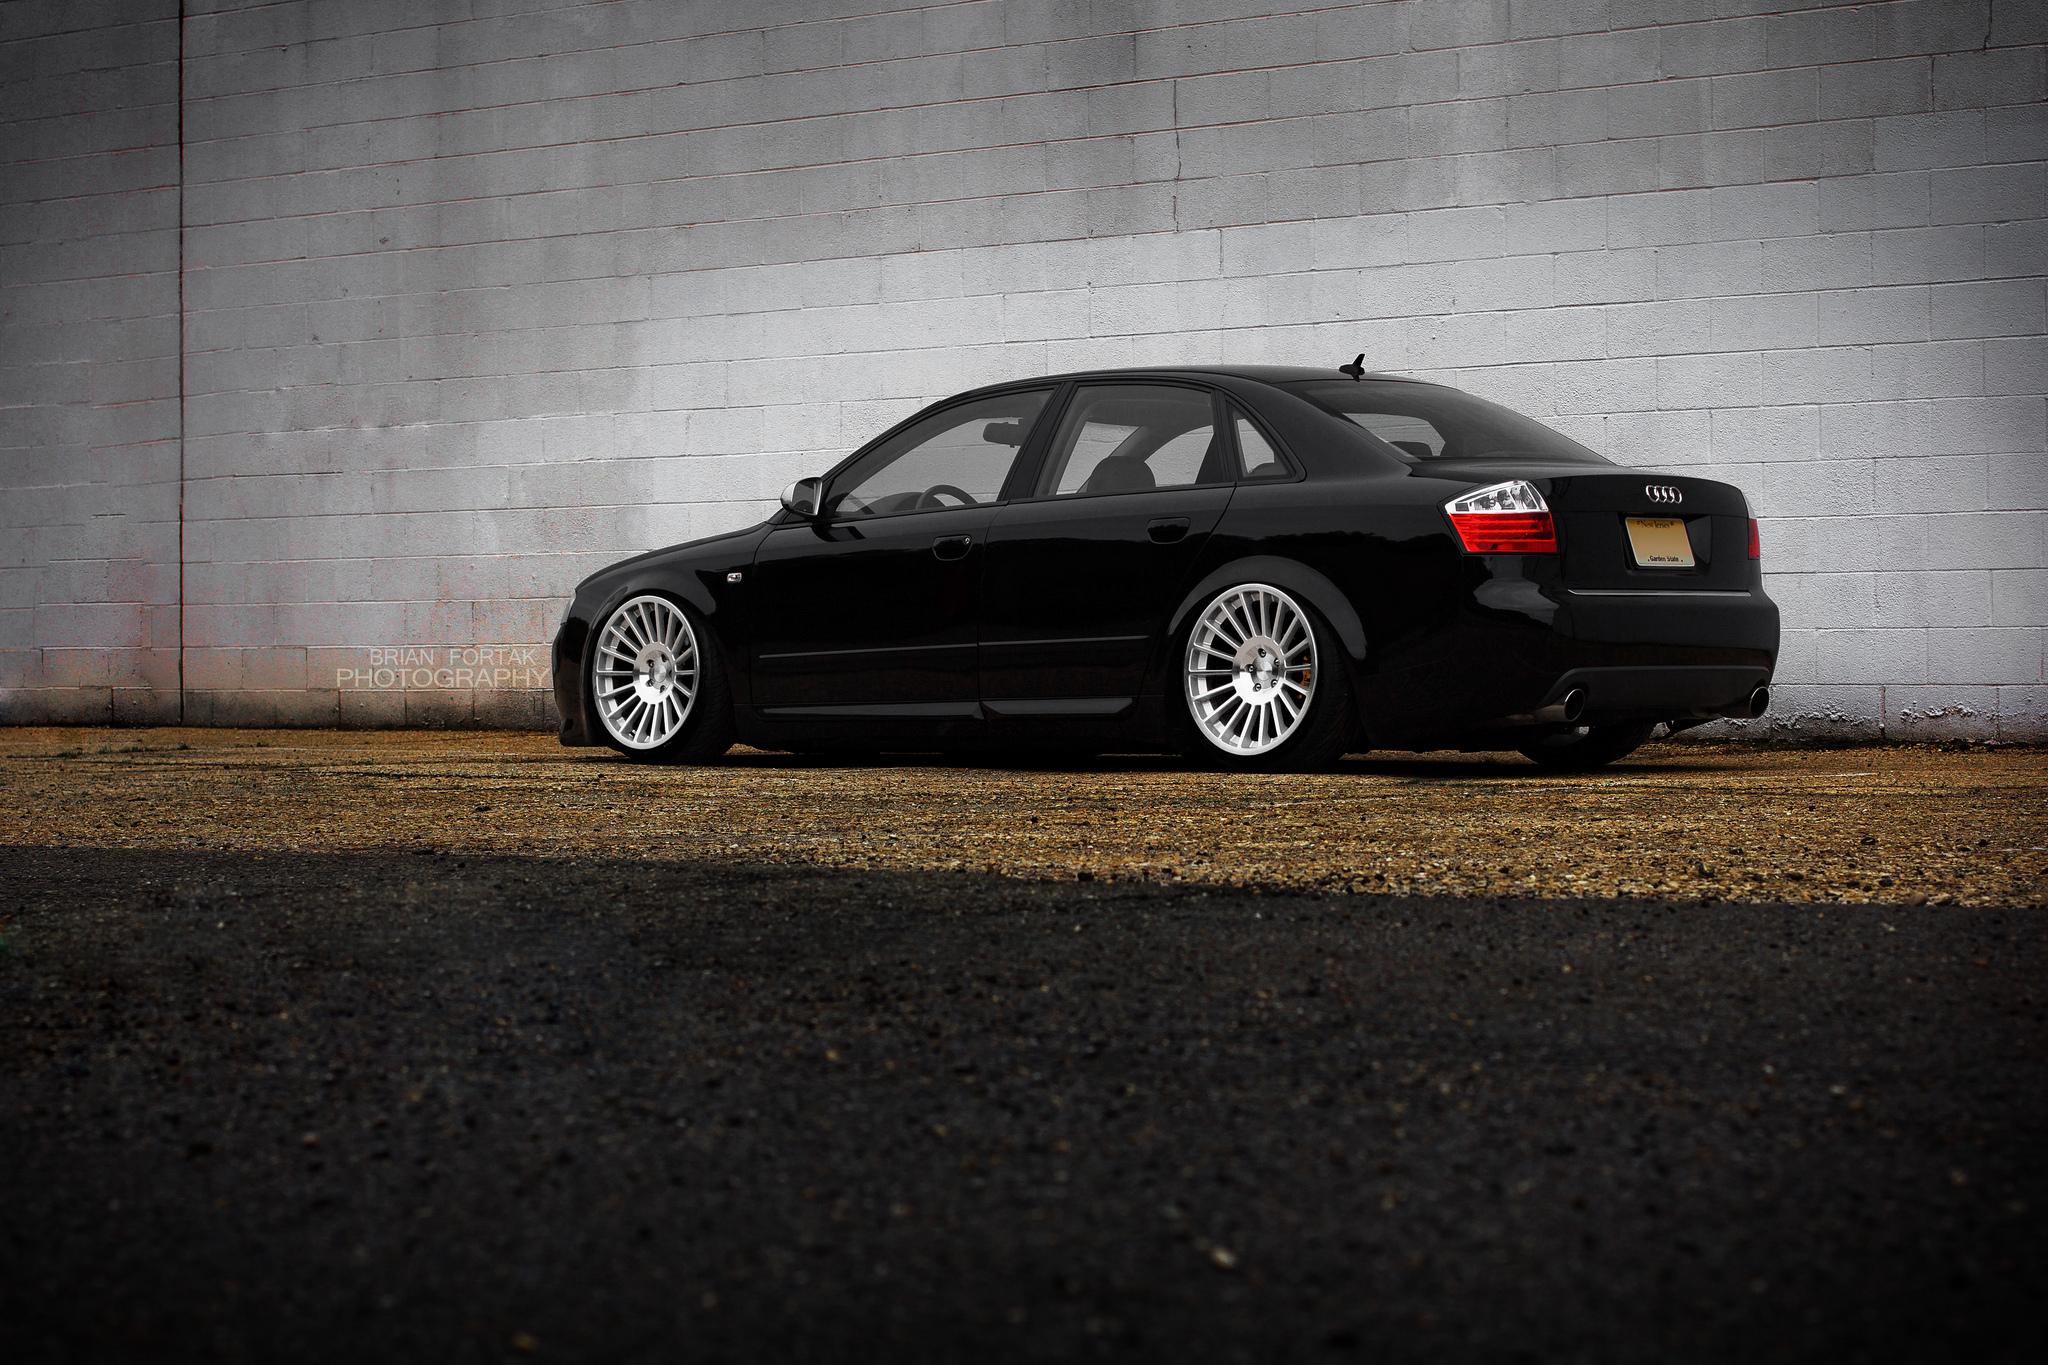 Audi A4 B6 Tuning 3 Tuning